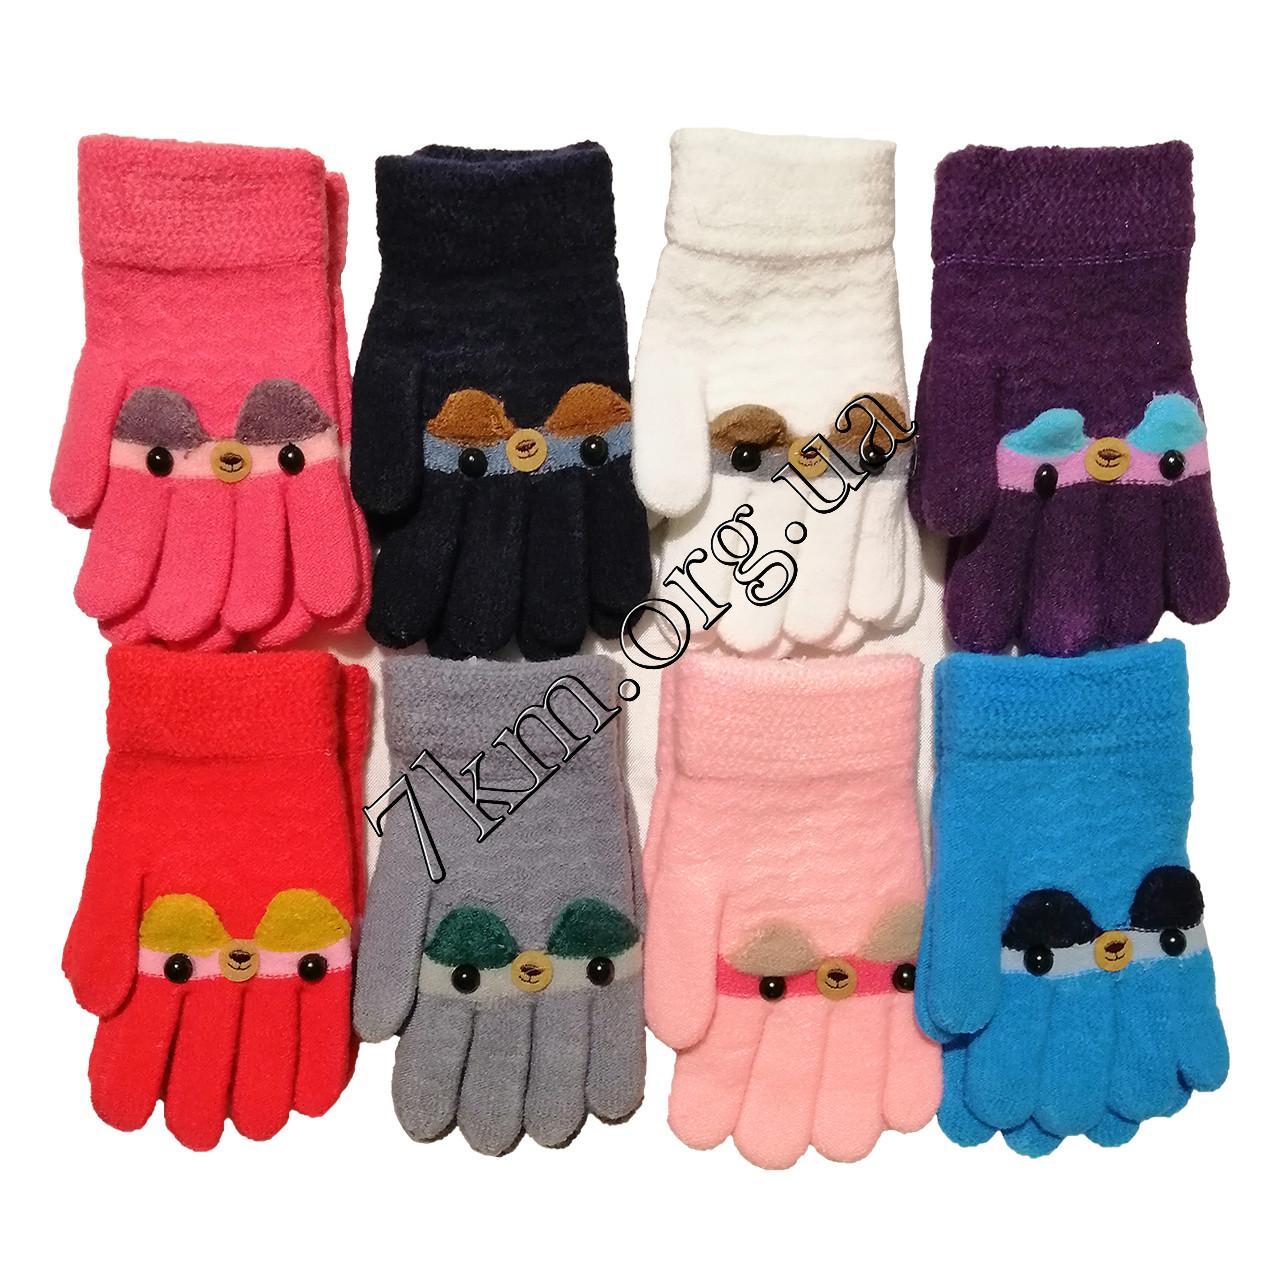 Перчатки детские одинарные +начес для девочек 6-8 лет Оптом 5801 M